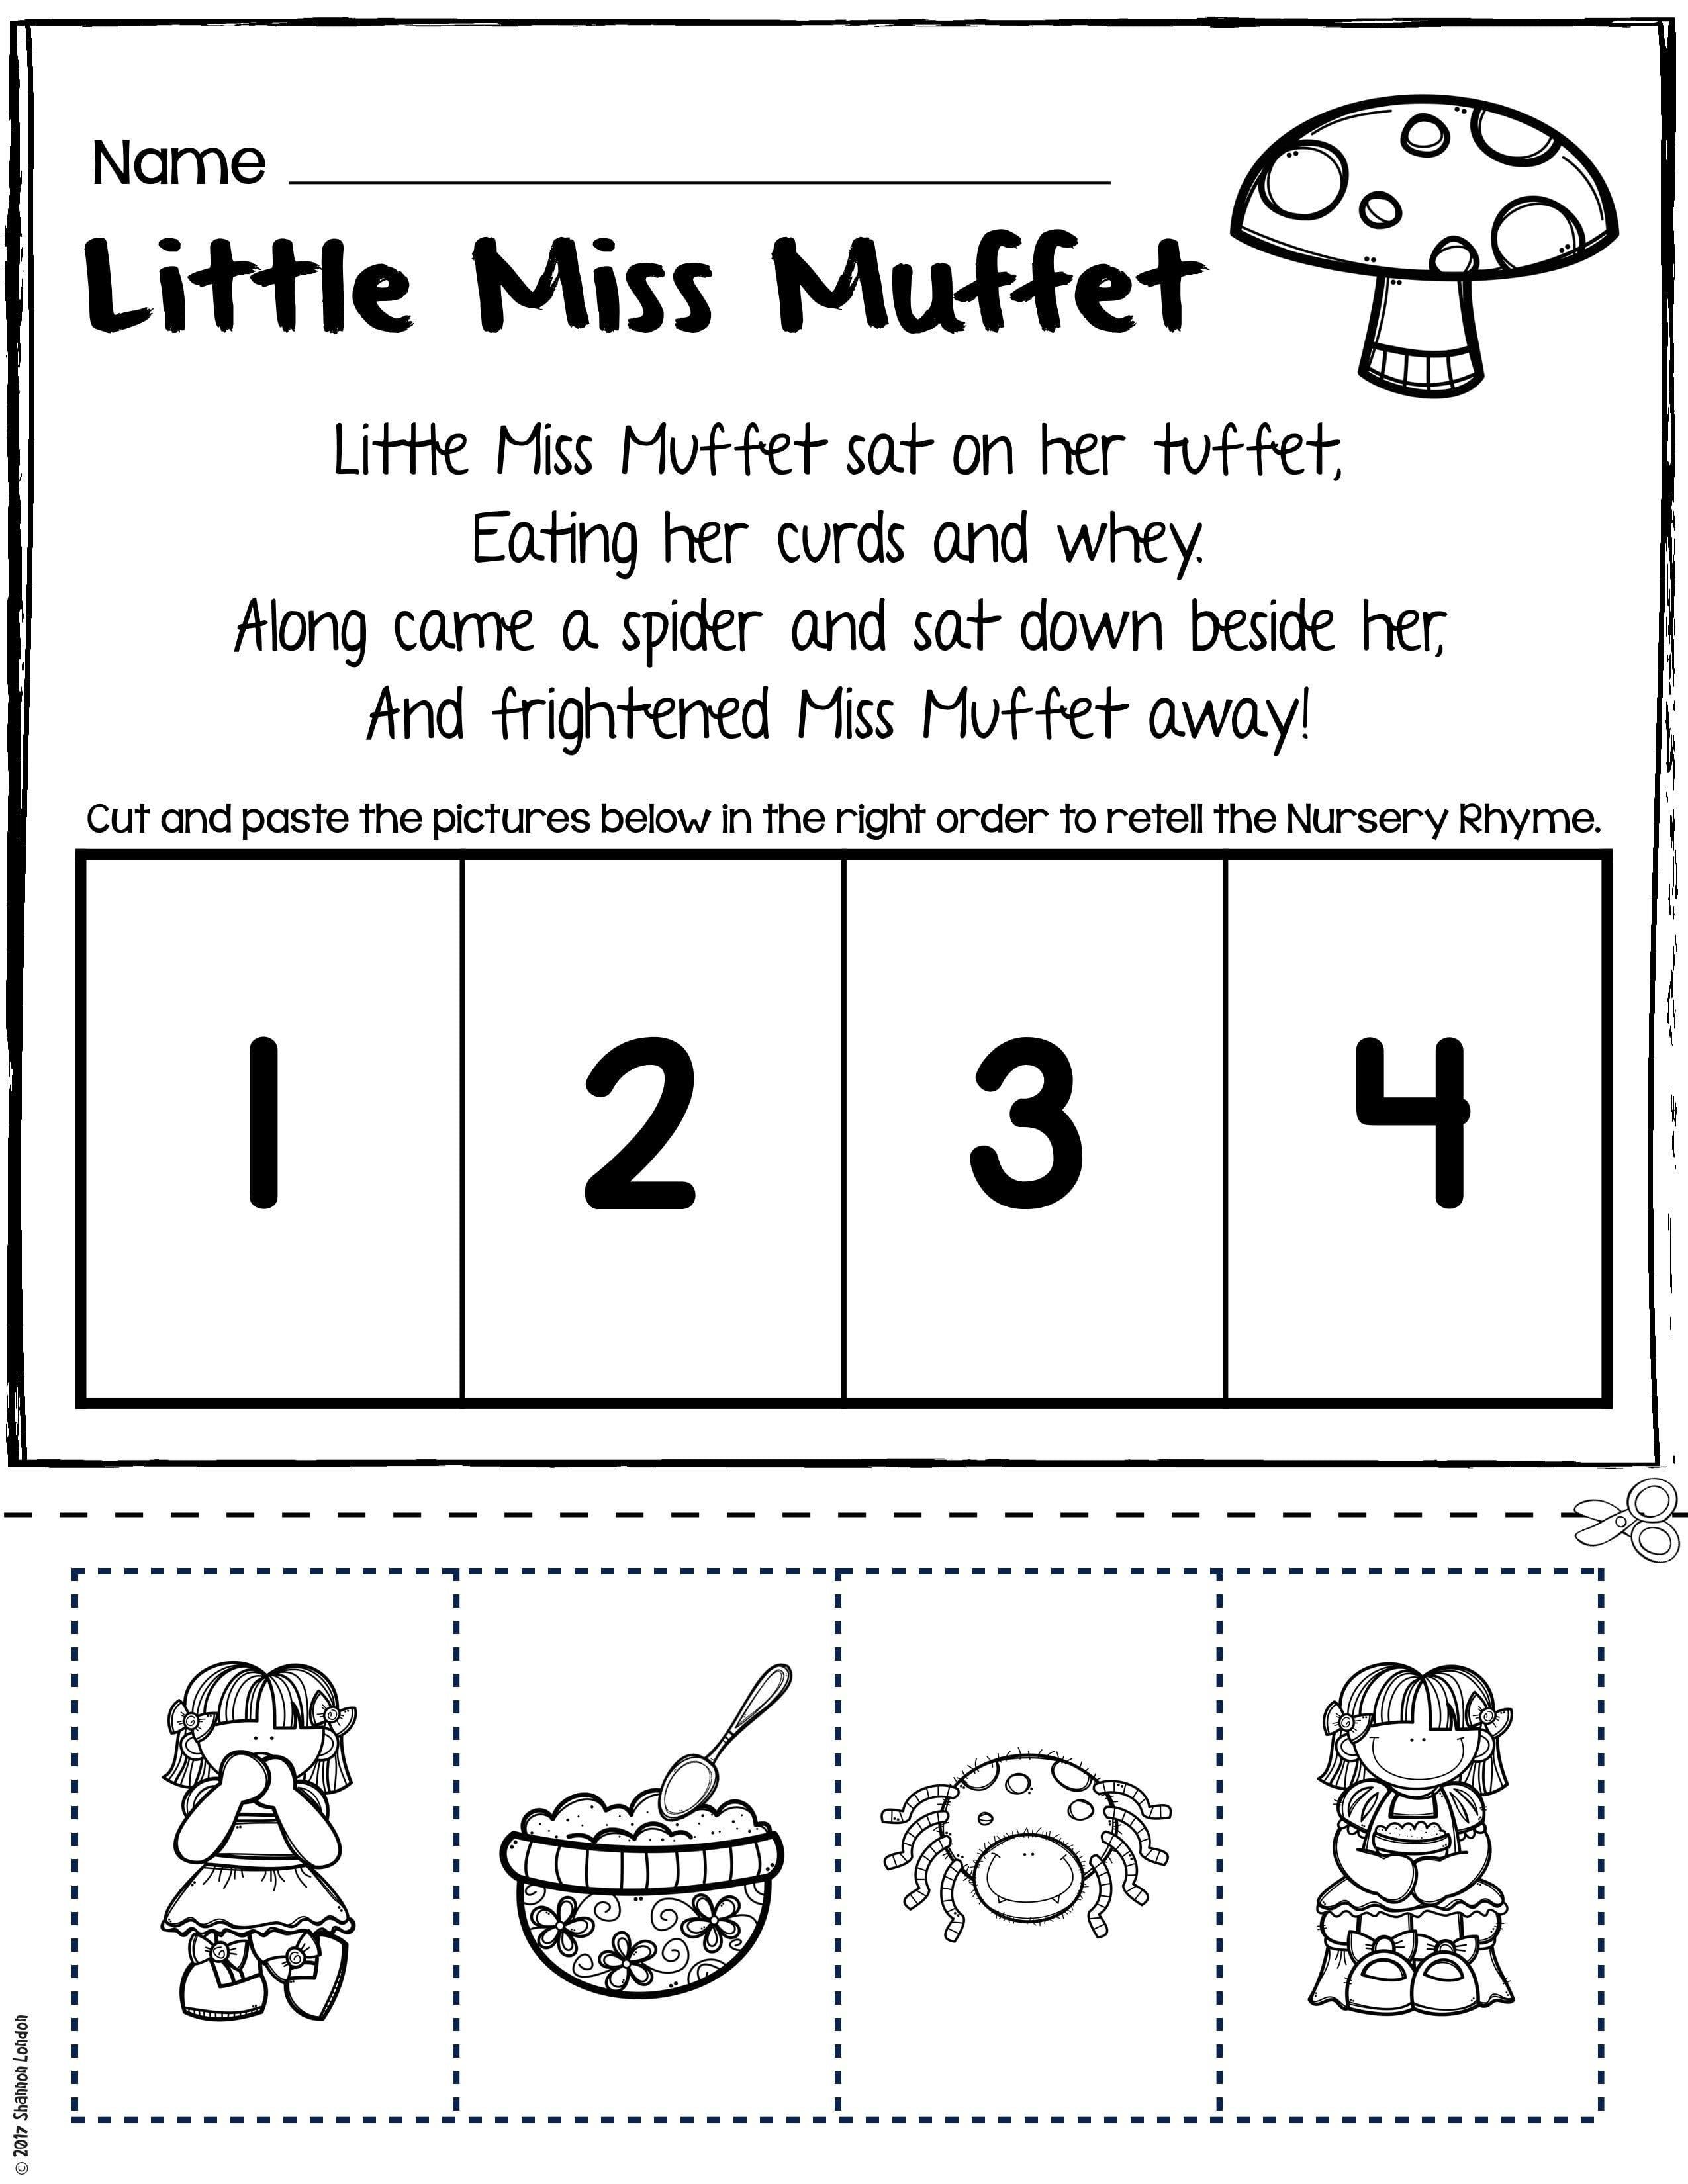 Nursery Rhymes Worksheets For Story Retelling Practice Rhyme Along With Rhyming Worksheets For Preschoolers